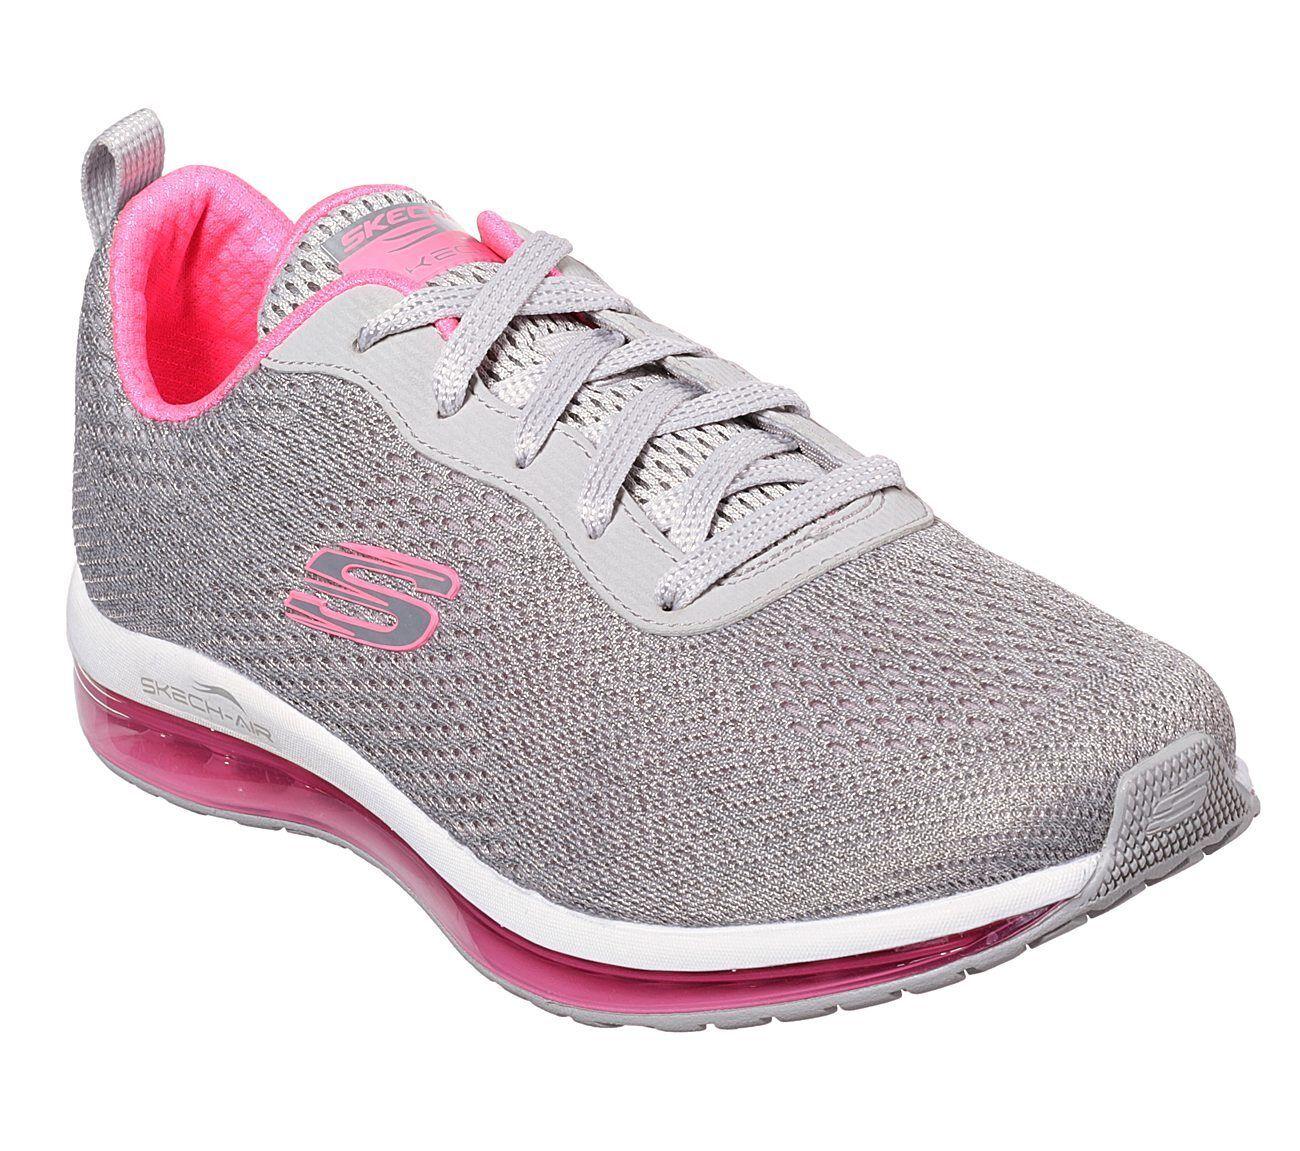 Skechers Skech-Aire Elemento-Cine Para Mujer 12644 GYHP gris zapatos de Color Color de de rosadodo caliente 30280b